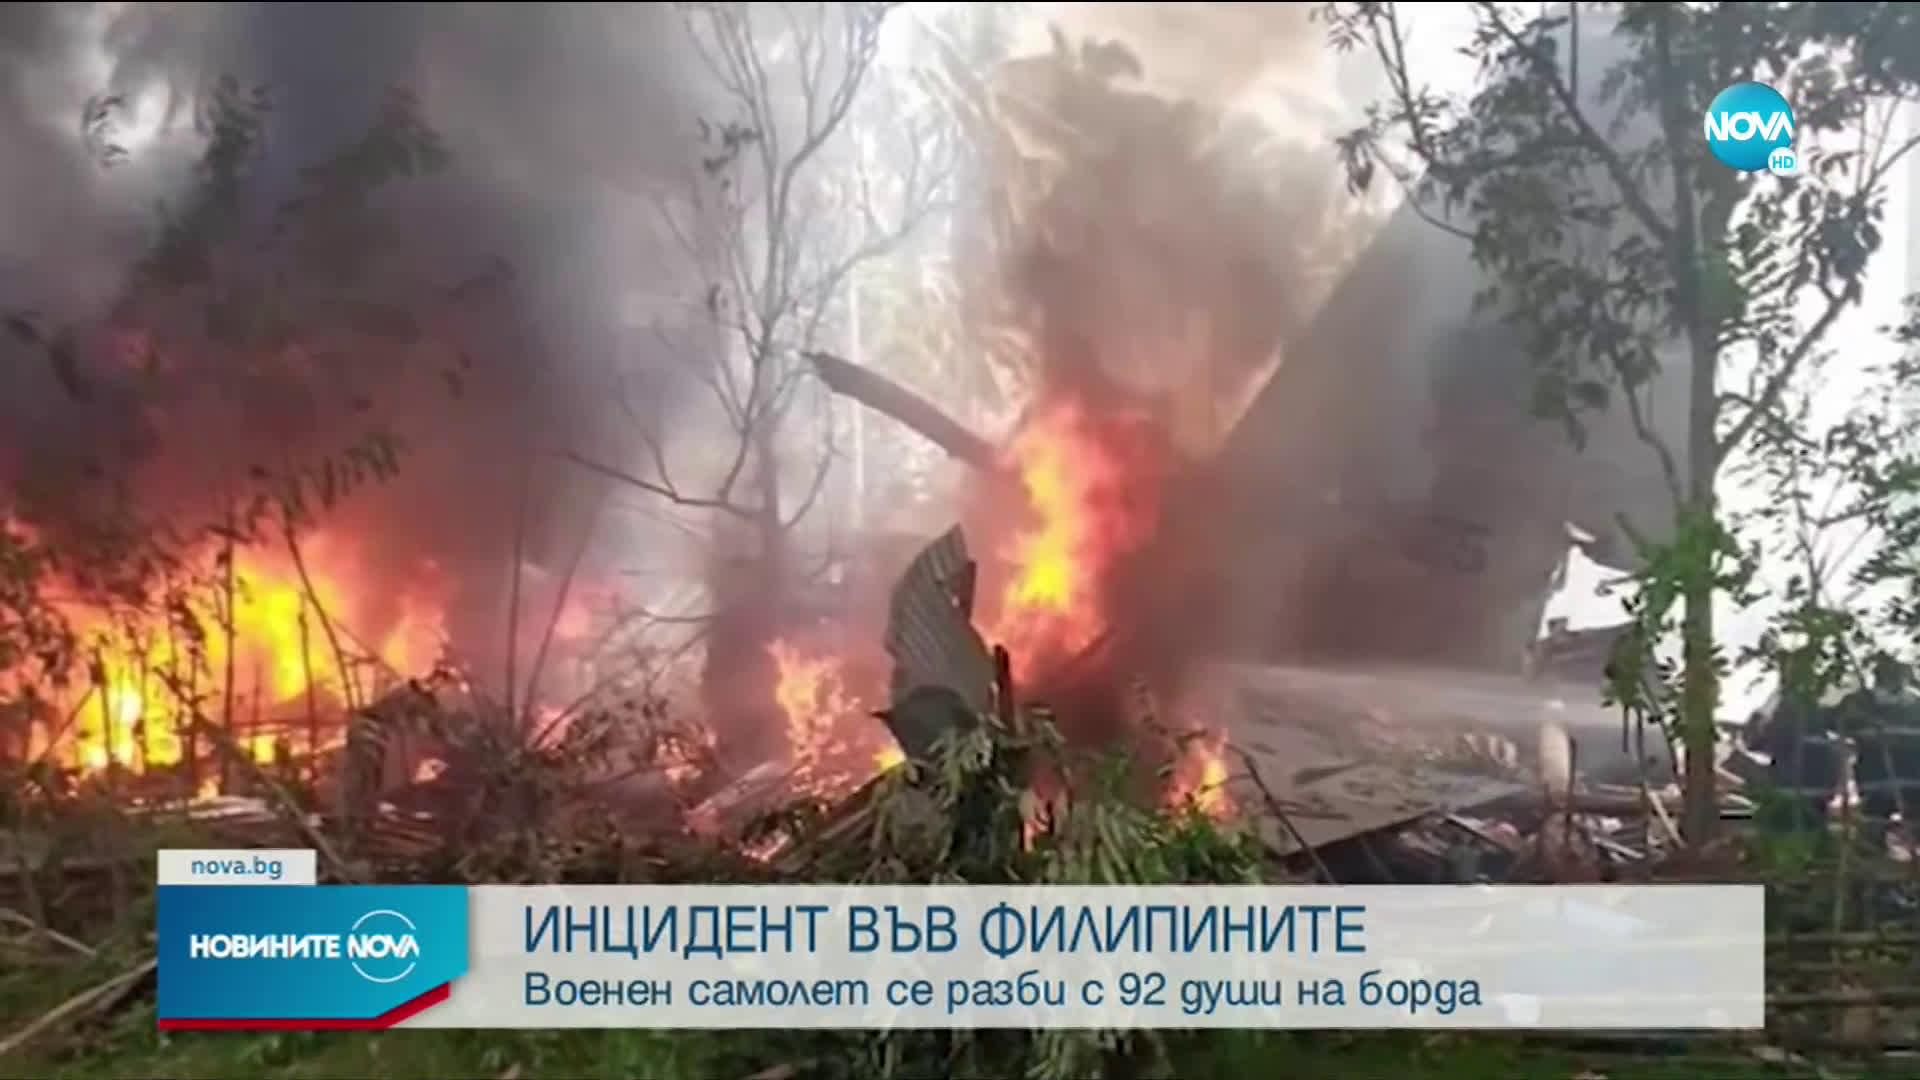 Военен самолет с 92 души на борда се разби